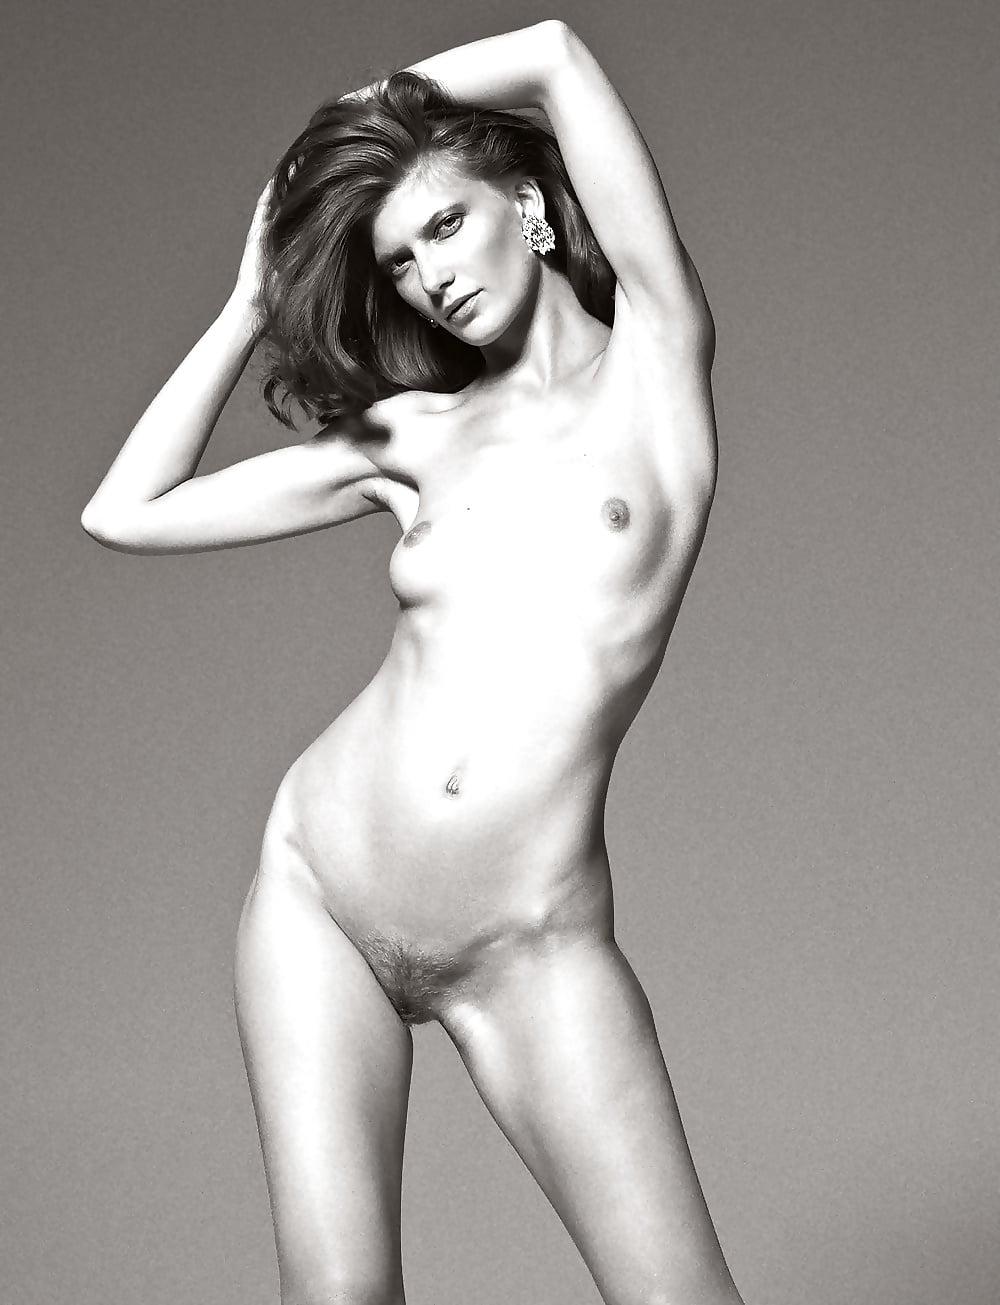 Hot supermodels nude pics